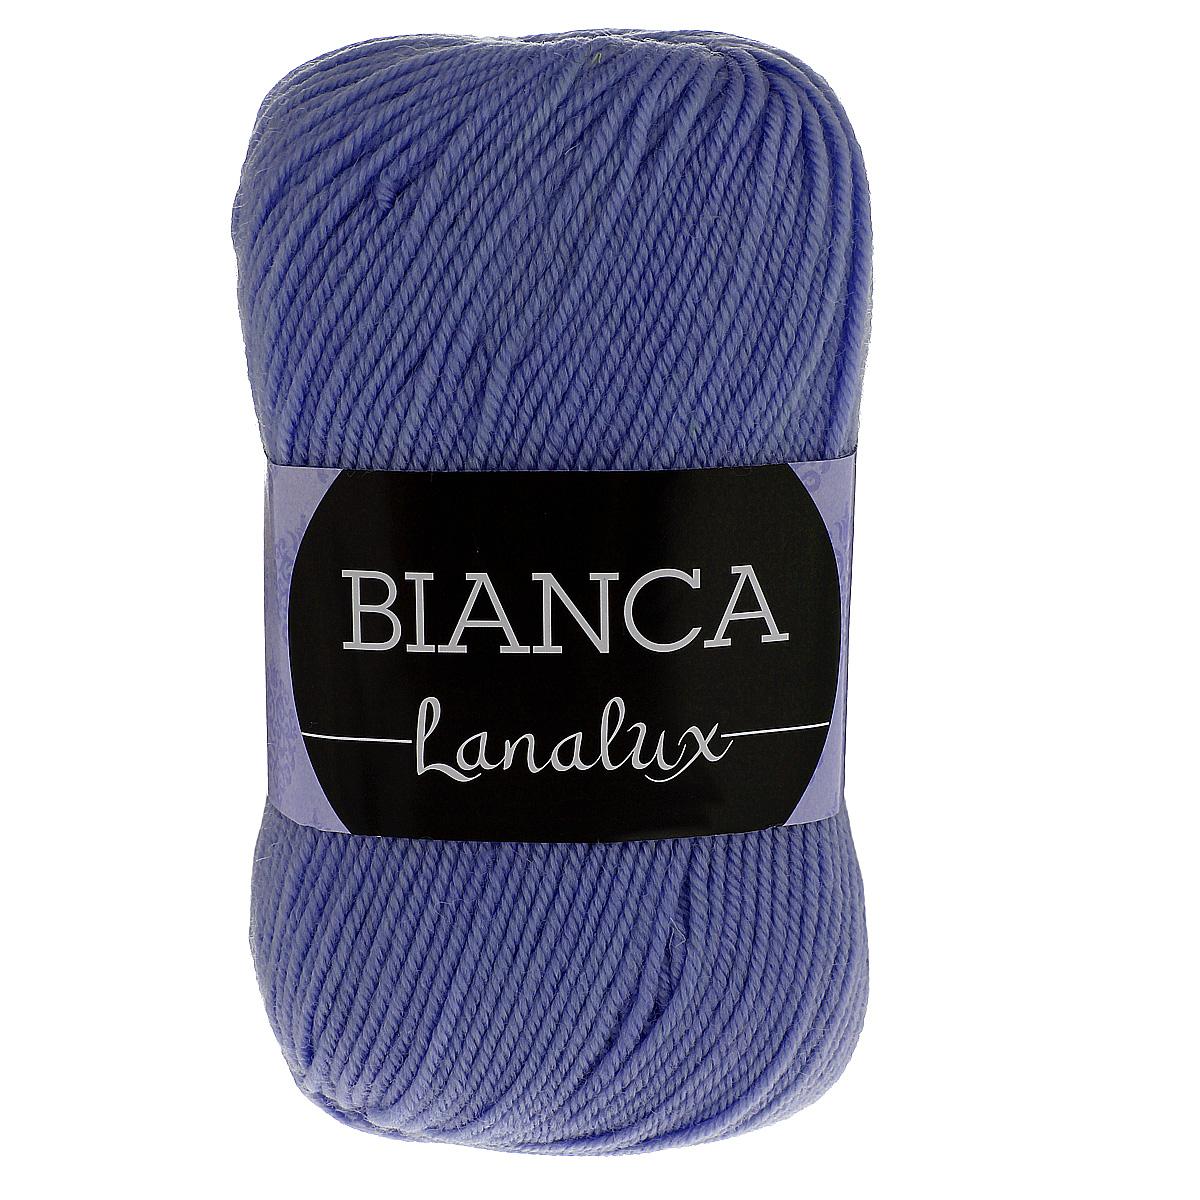 Пряжа для вязания YarnArt Bianca LanaLux, цвет: сирень (855), 250 м, 100 г, 5 шт372093_855Пряжа YarnArt Bianca LanaLux - это классическая чистошерстяная пряжа для вязания. Нить очень мягкая, приятная на ощупь, слегка шелковистая, упругая и не колется. Изделия из нее получаются теплыми и нежными, не теряют форму. Пряжа подходит для вязания платьев, кардиганов, жилетов и джемперов. Рекомендованные спицы и крючок для вязания 4 мм. Состав: 100% шерсть.